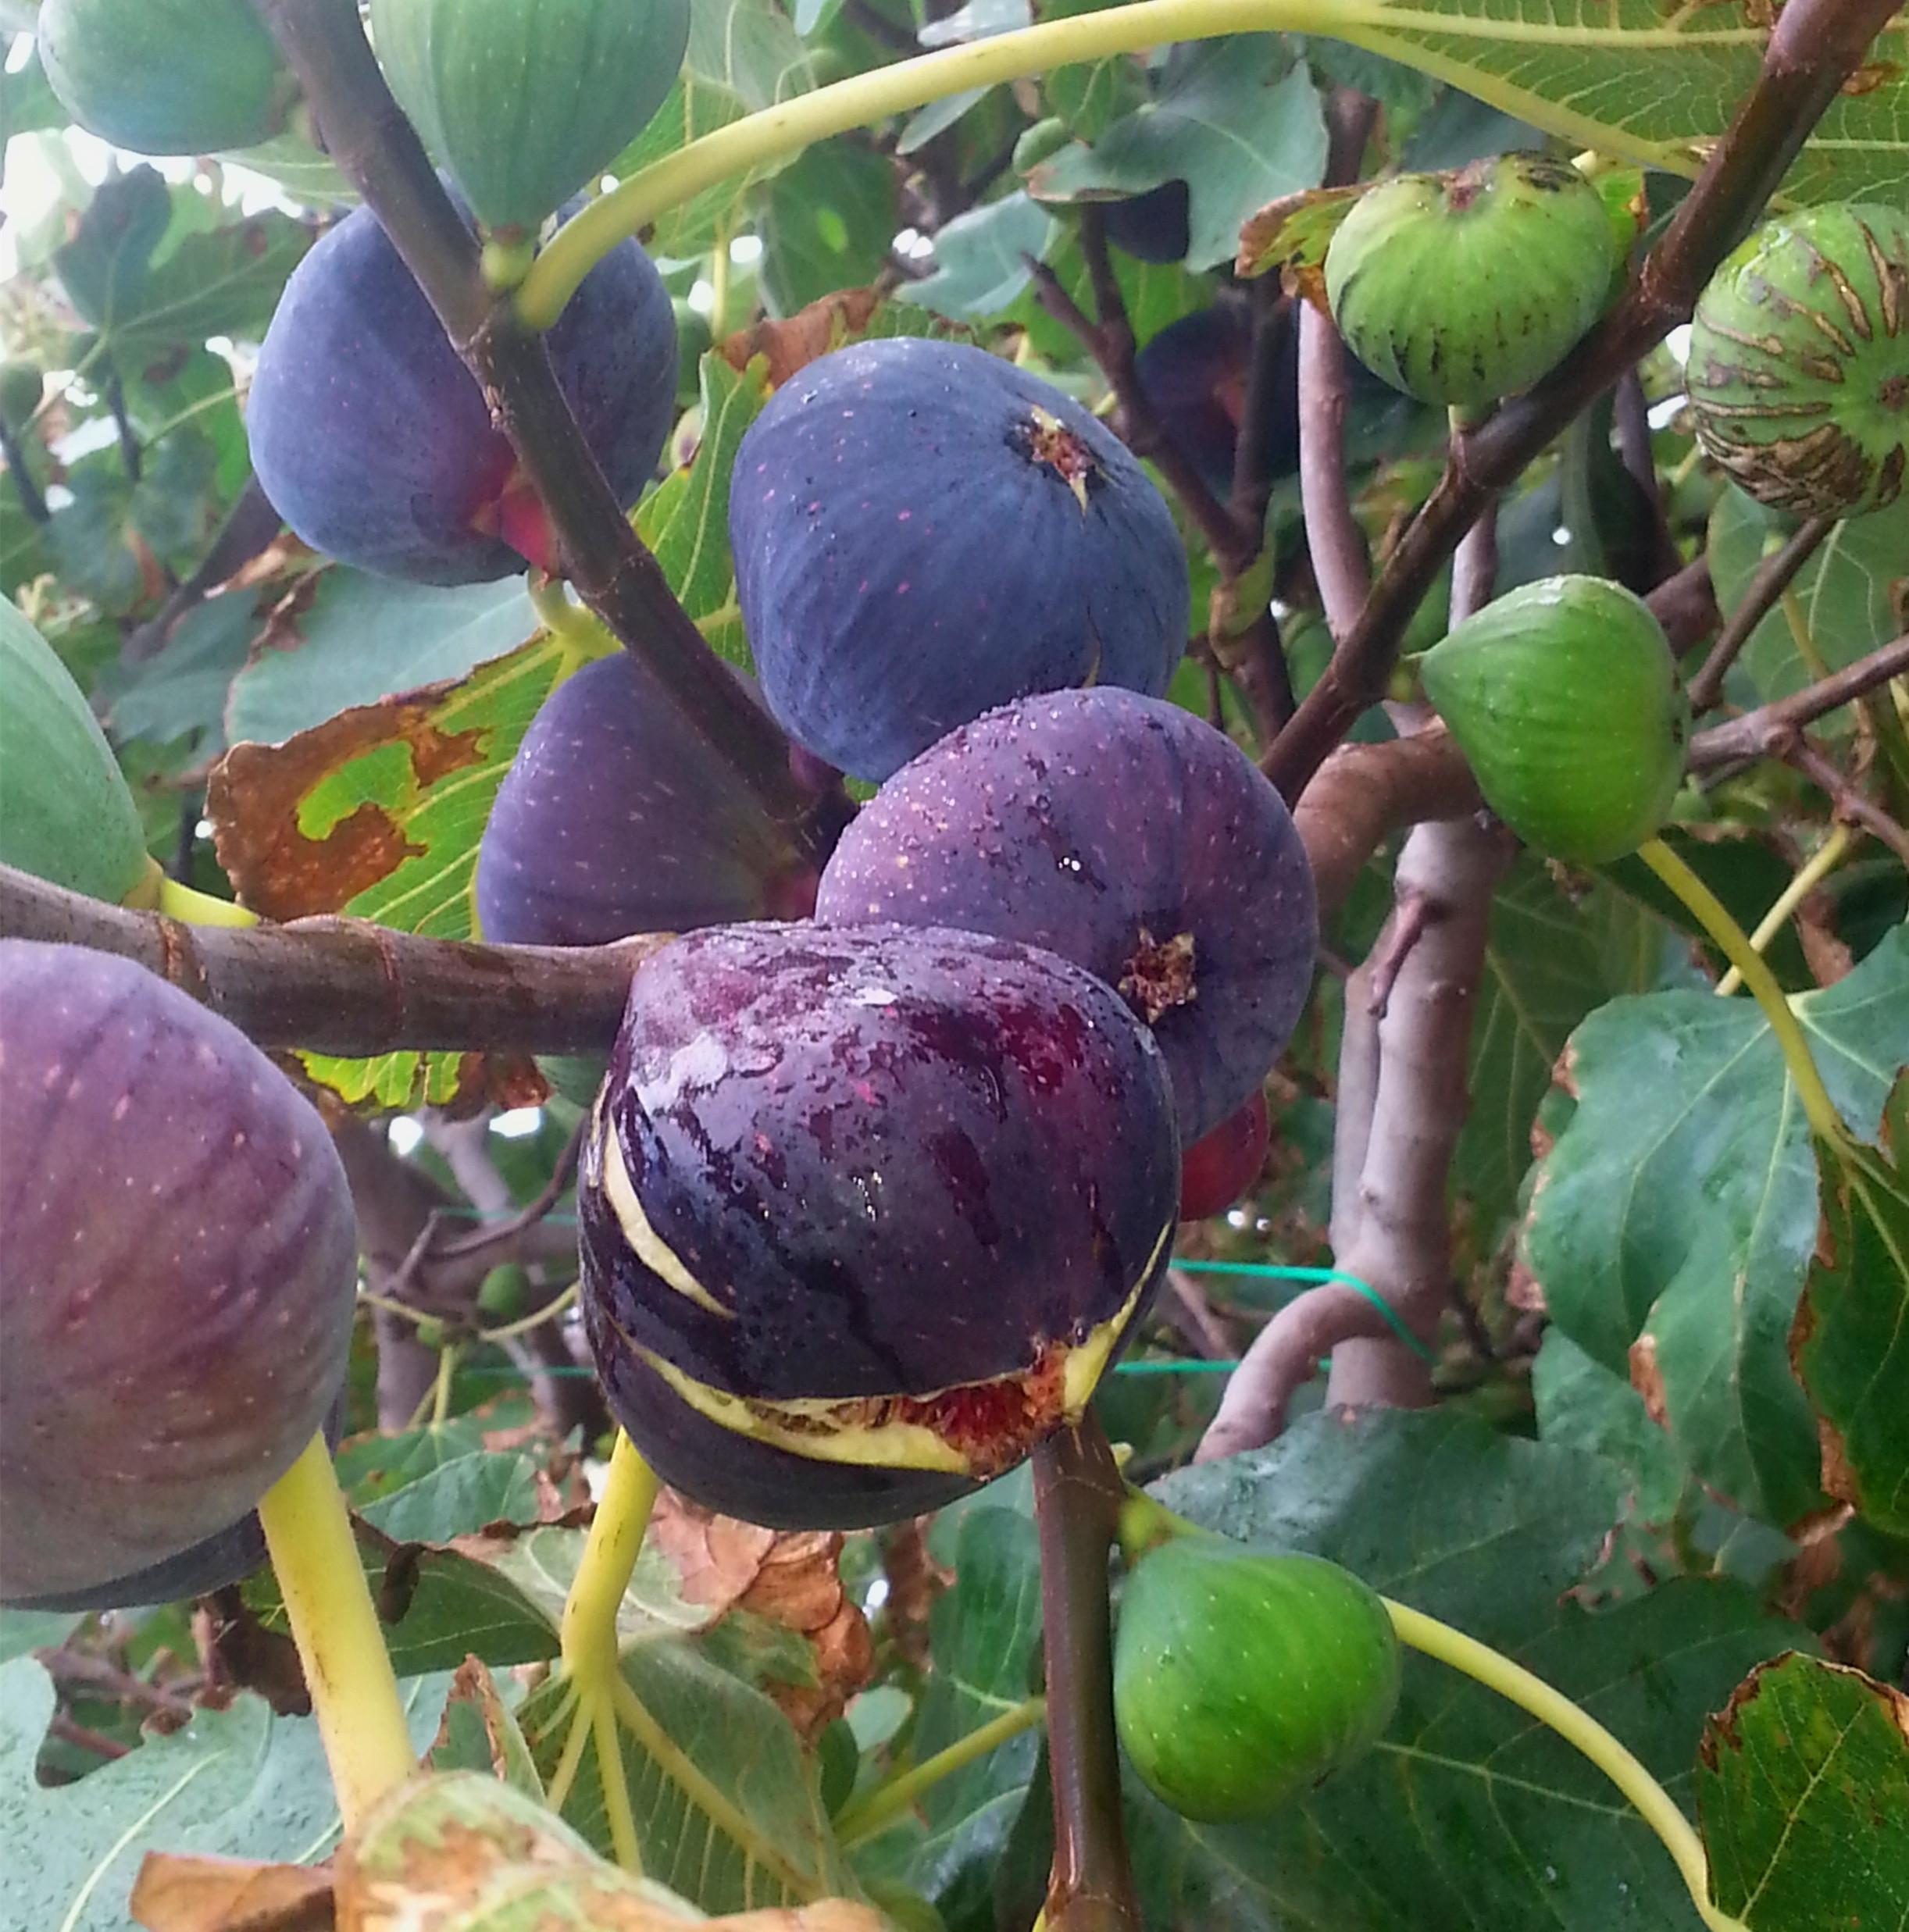 新品种试种无花果苗当年结果四季盆栽枝条新鲜果树苗叶带果发货满9.90元可用1元优惠券